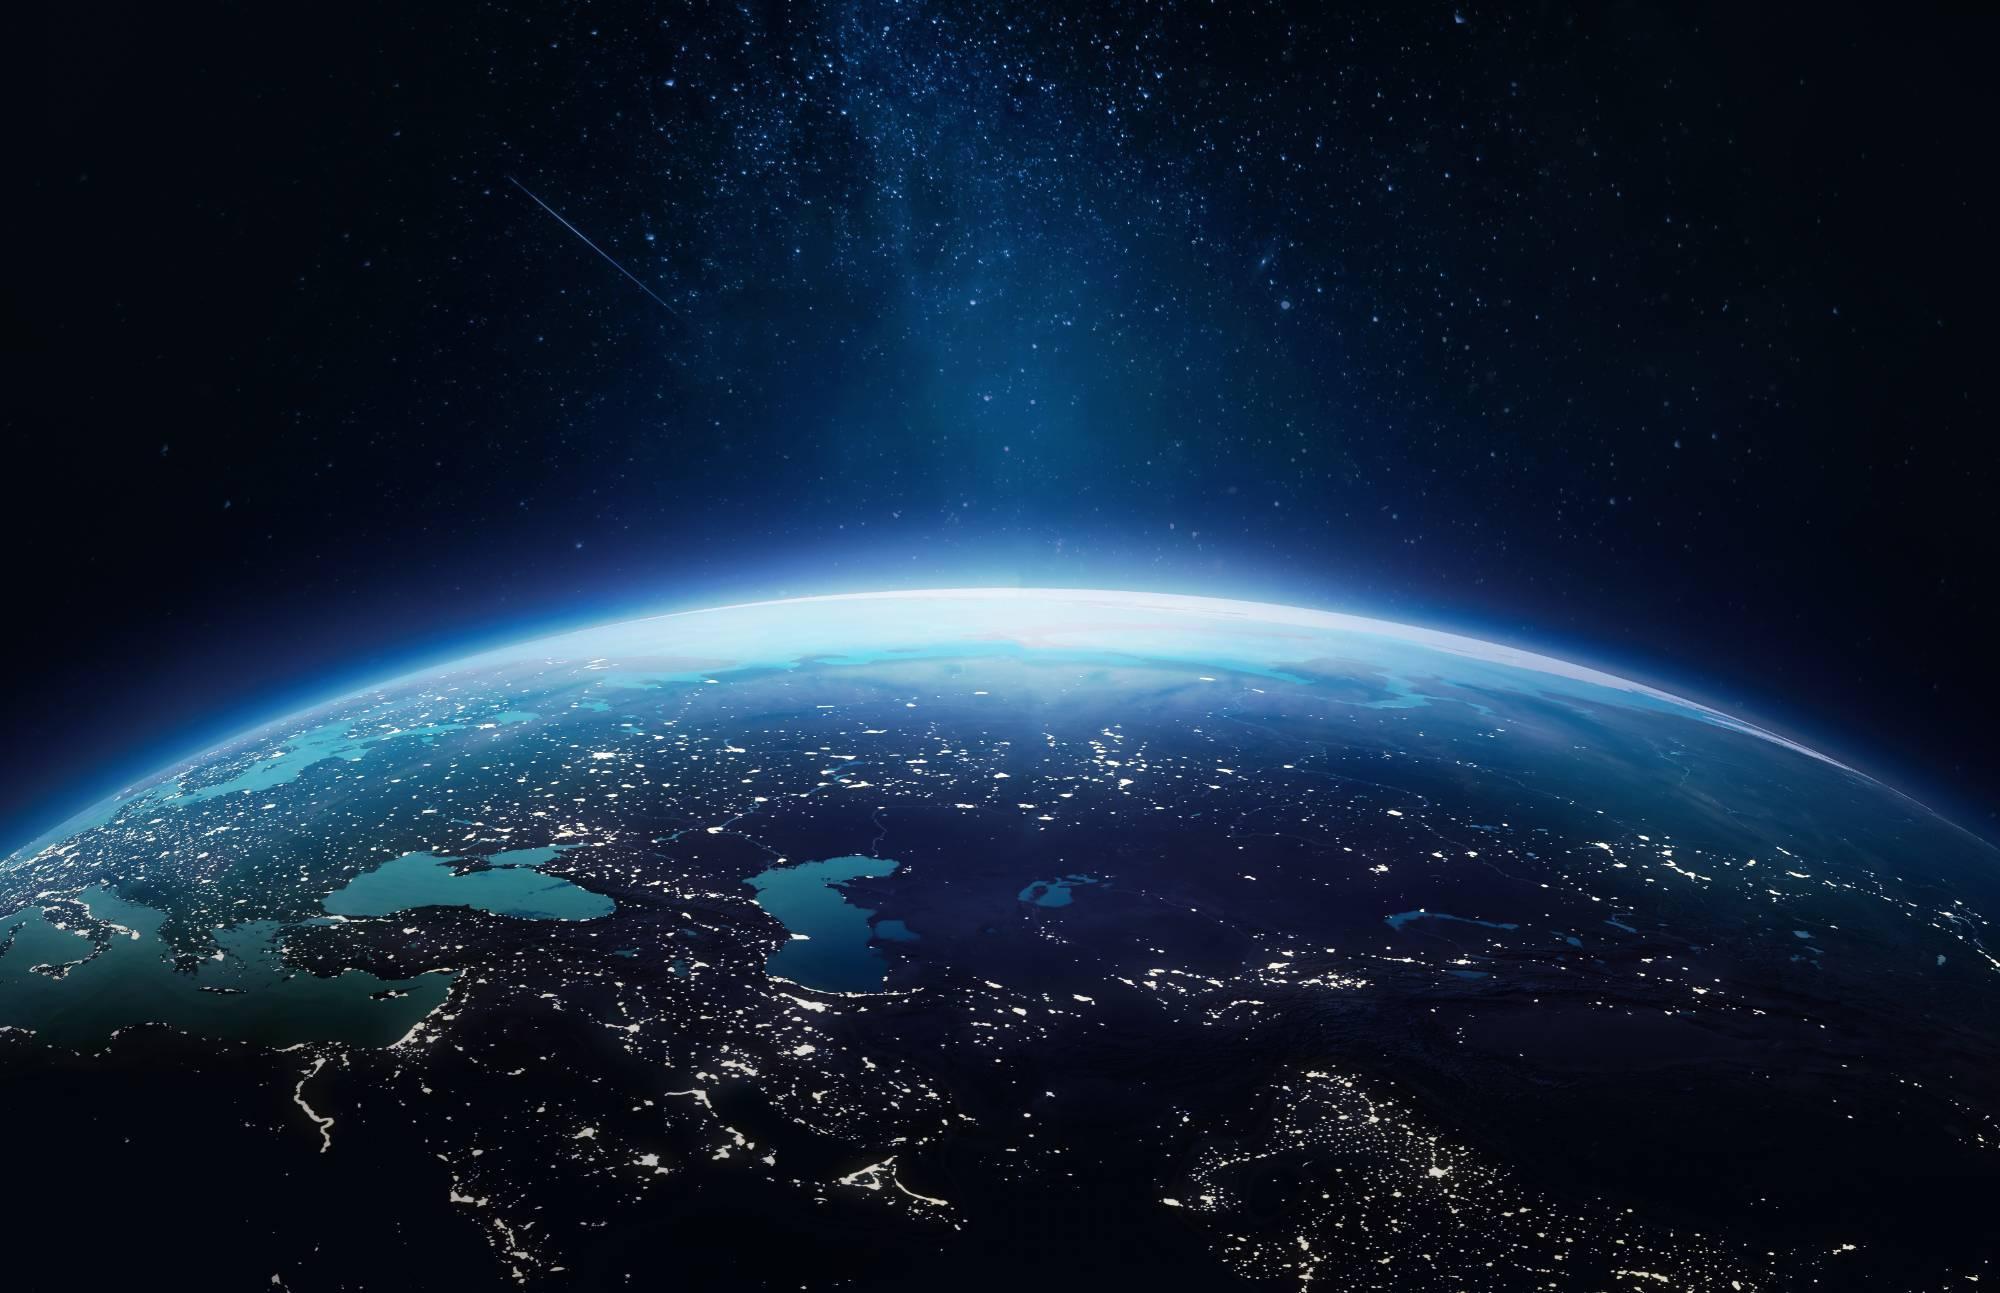 Земля в иллюминаторе темна: Учёные пришли в ужас после измерений яркости нашей планеты